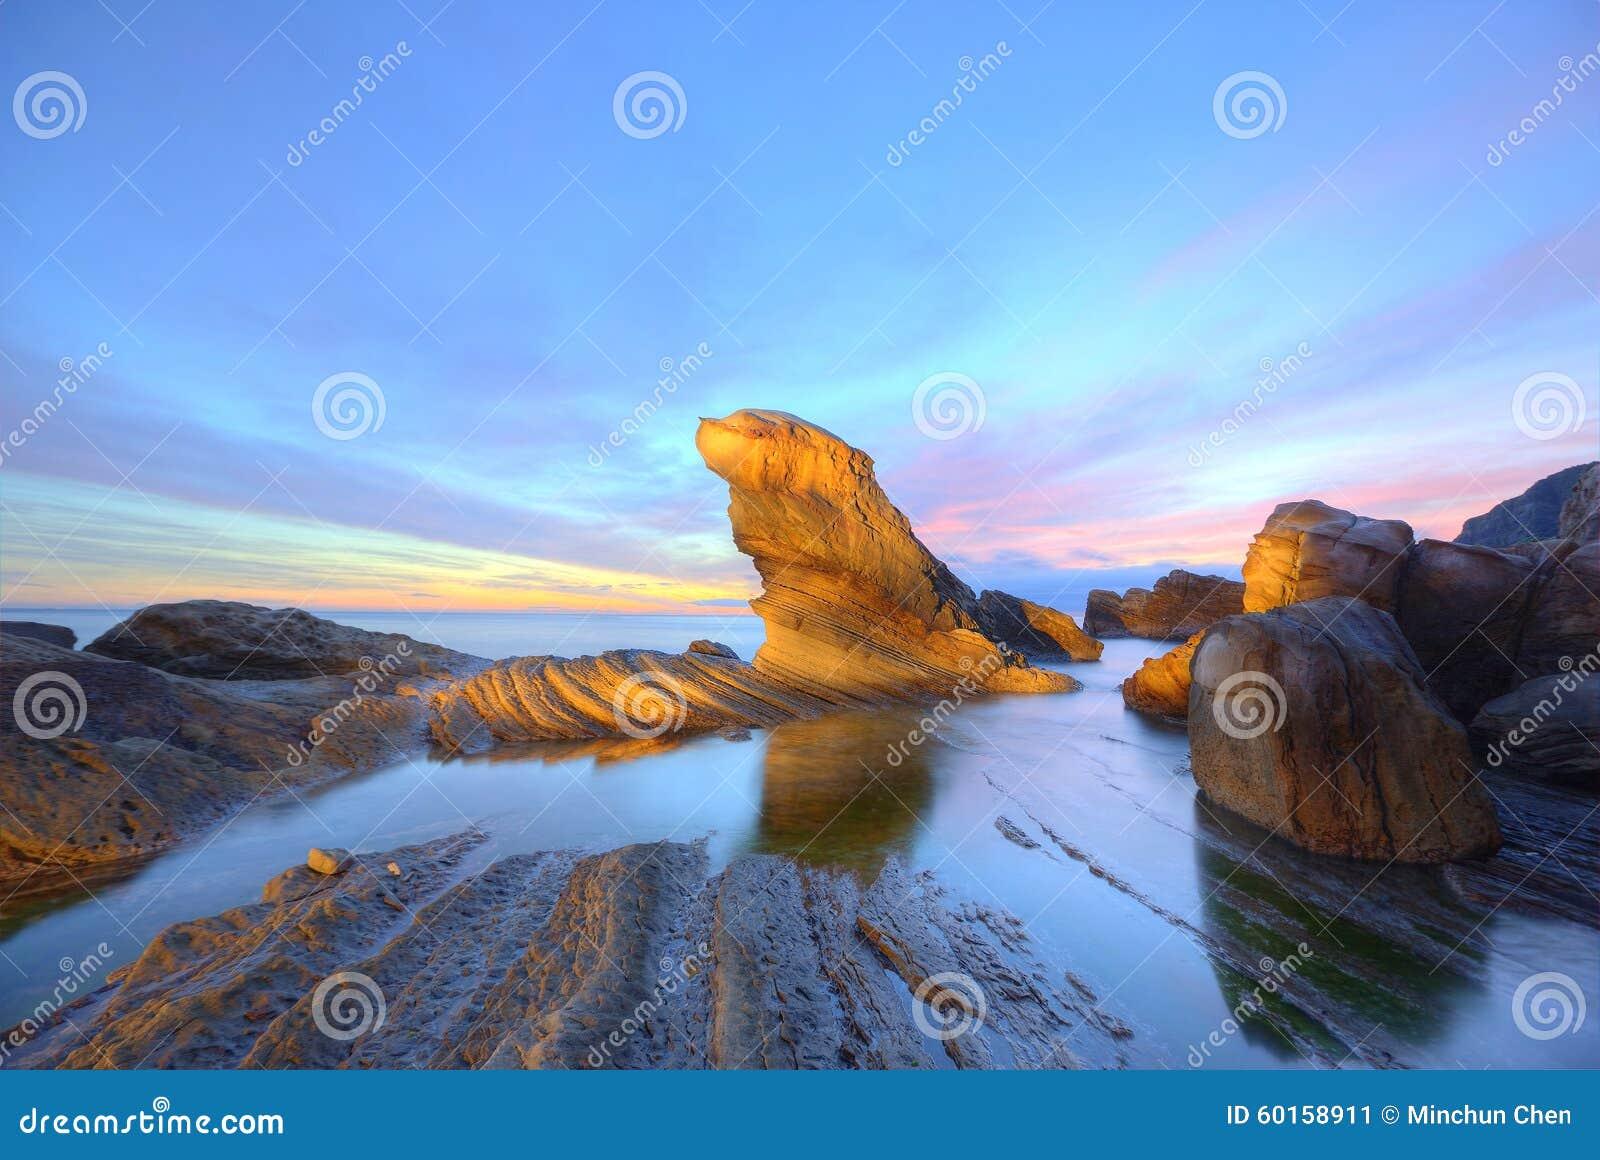 La roccia della guarnizione di pelliccia dalla bella spiaggia illuminata dai primi raggi del sole di mattina alla costa nordica d